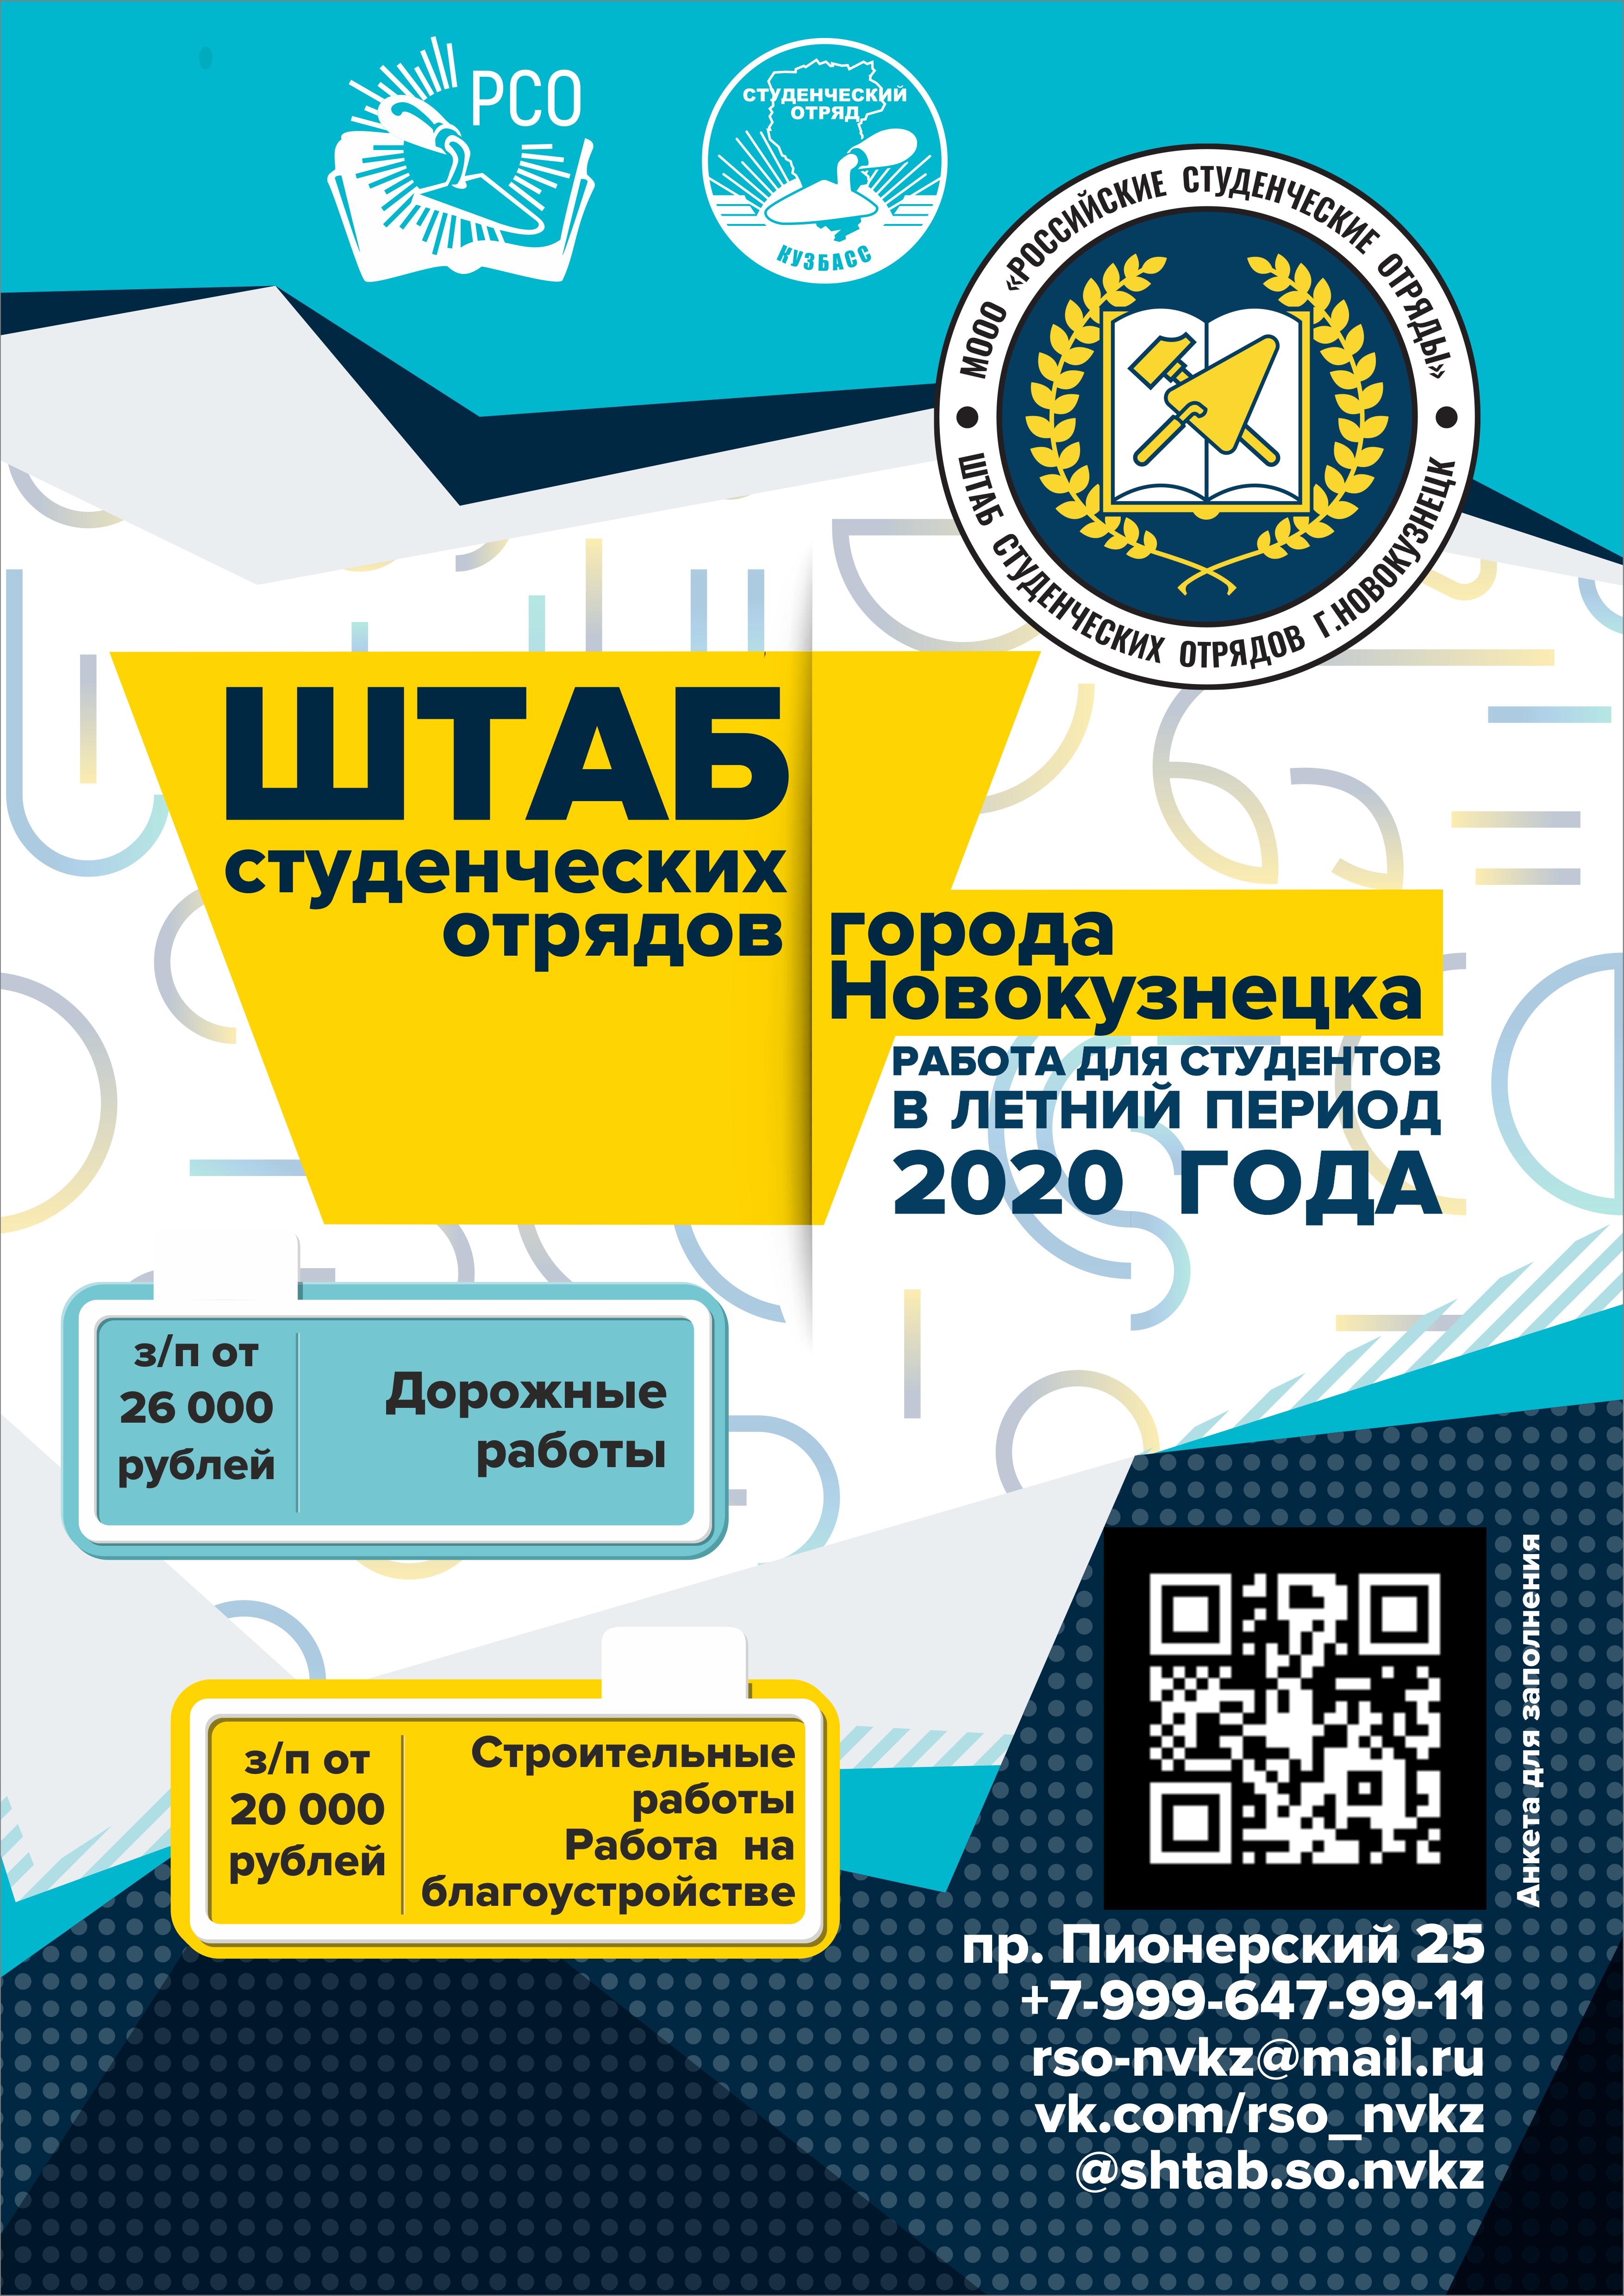 Штаб студенческих отрядов города Новокузнецка